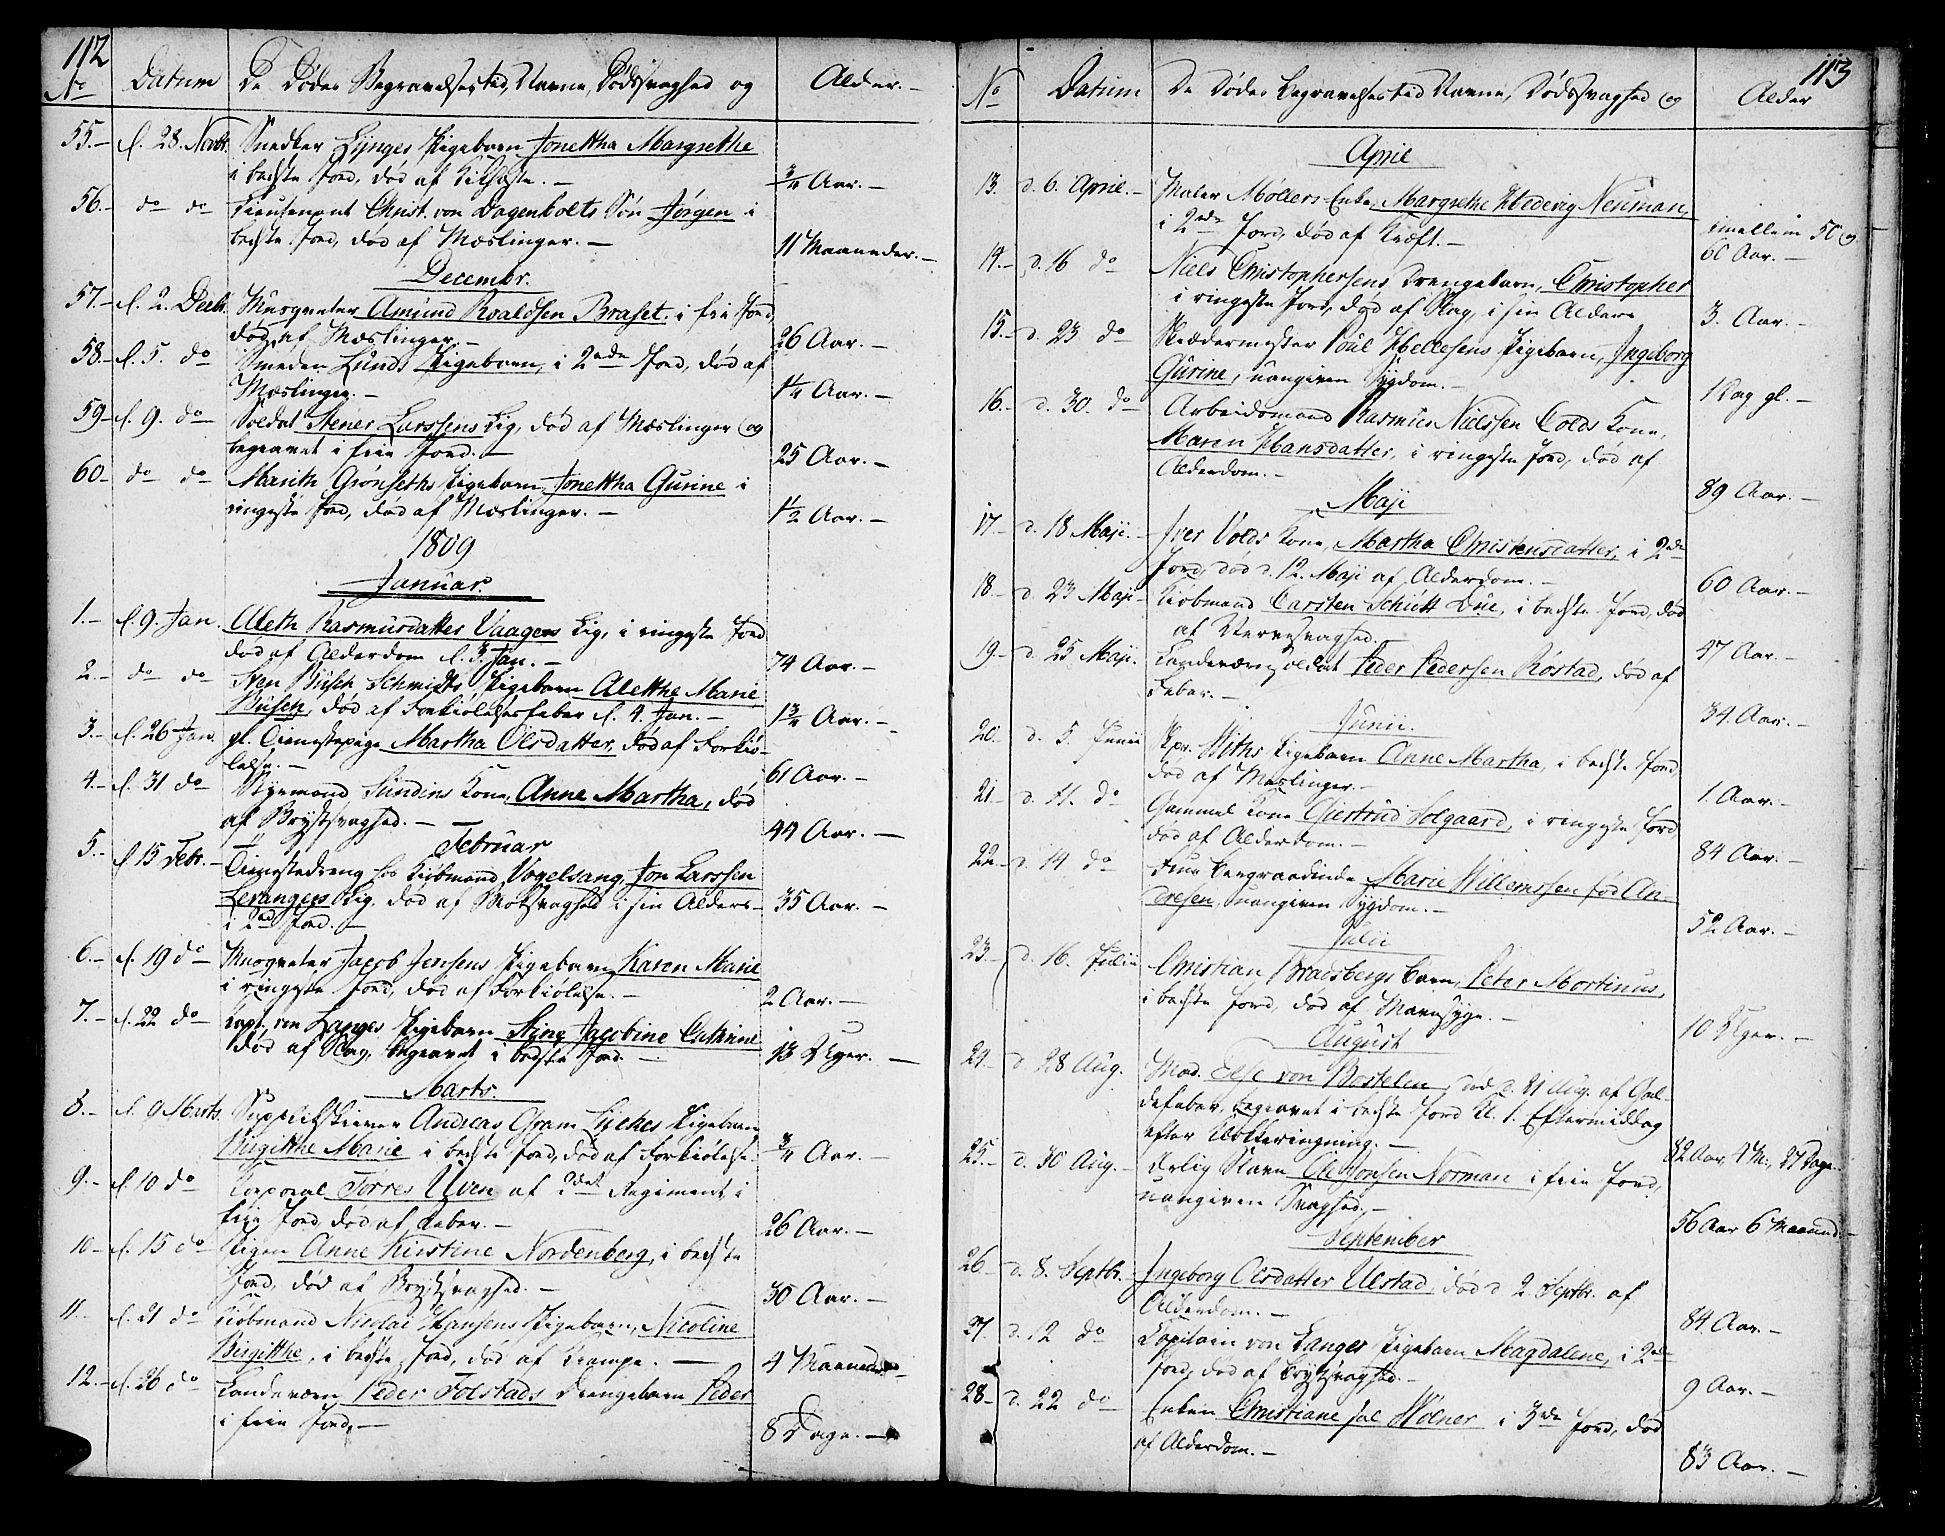 SAT, Ministerialprotokoller, klokkerbøker og fødselsregistre - Sør-Trøndelag, 602/L0106: Ministerialbok nr. 602A04, 1774-1814, s. 112-113